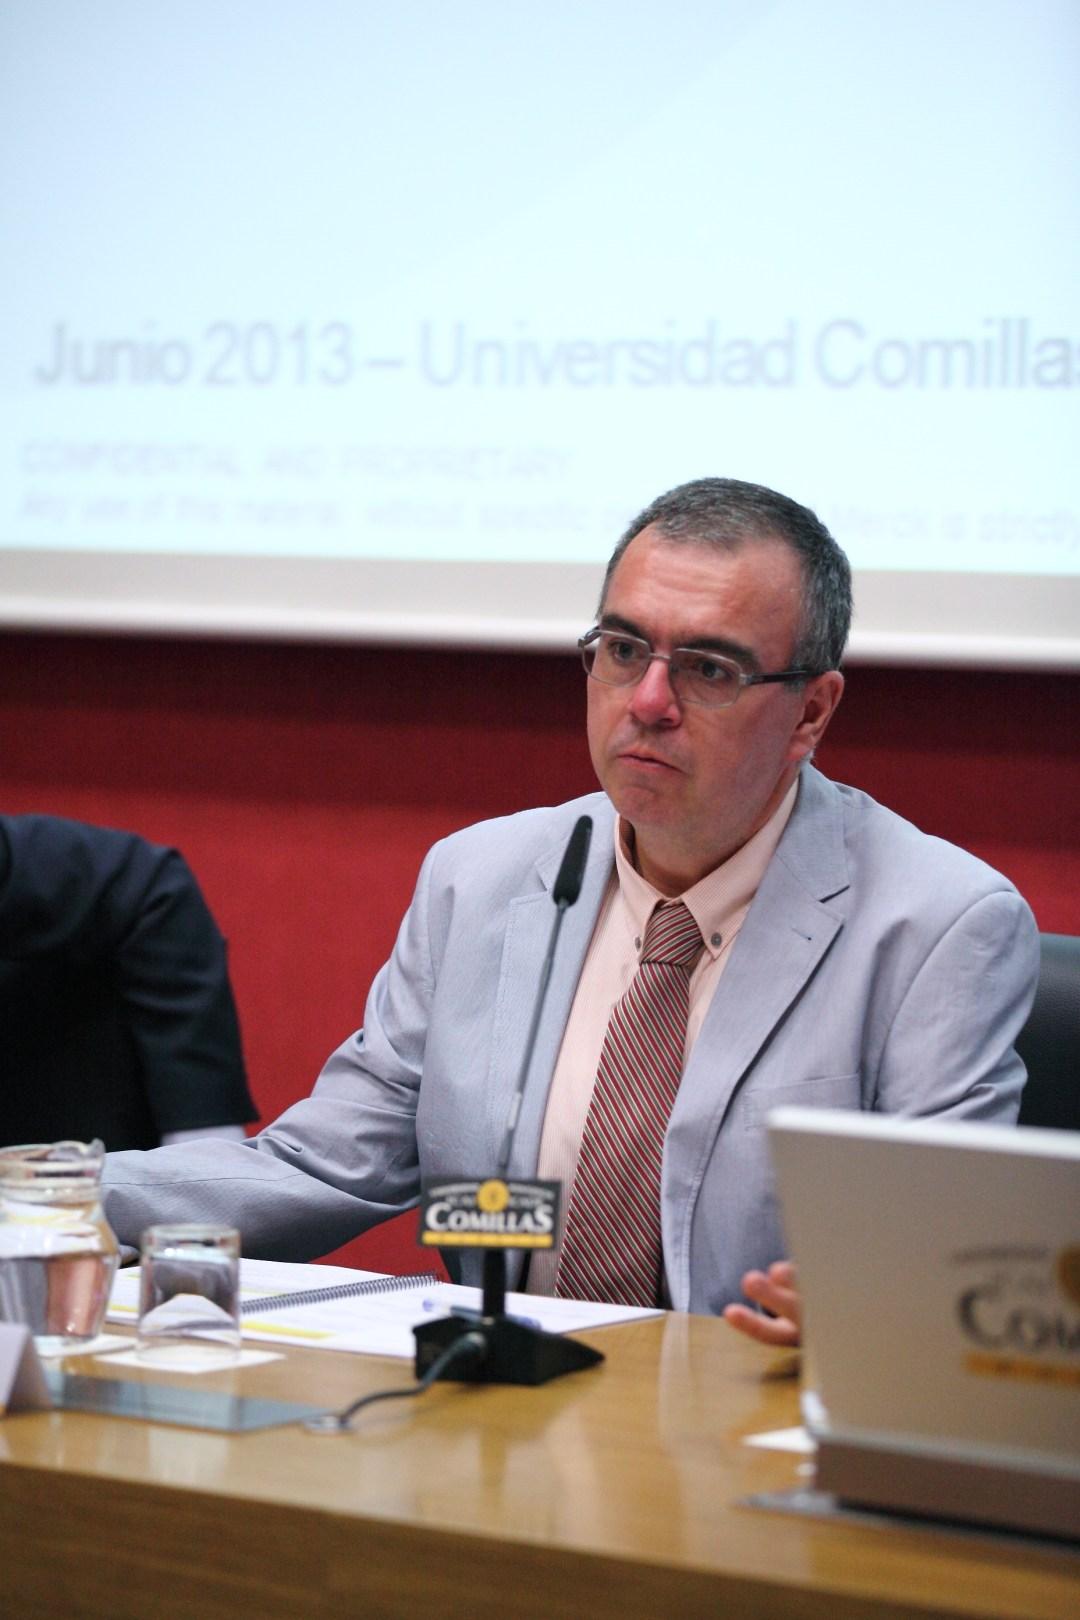 Raúl González Fabre, SJ